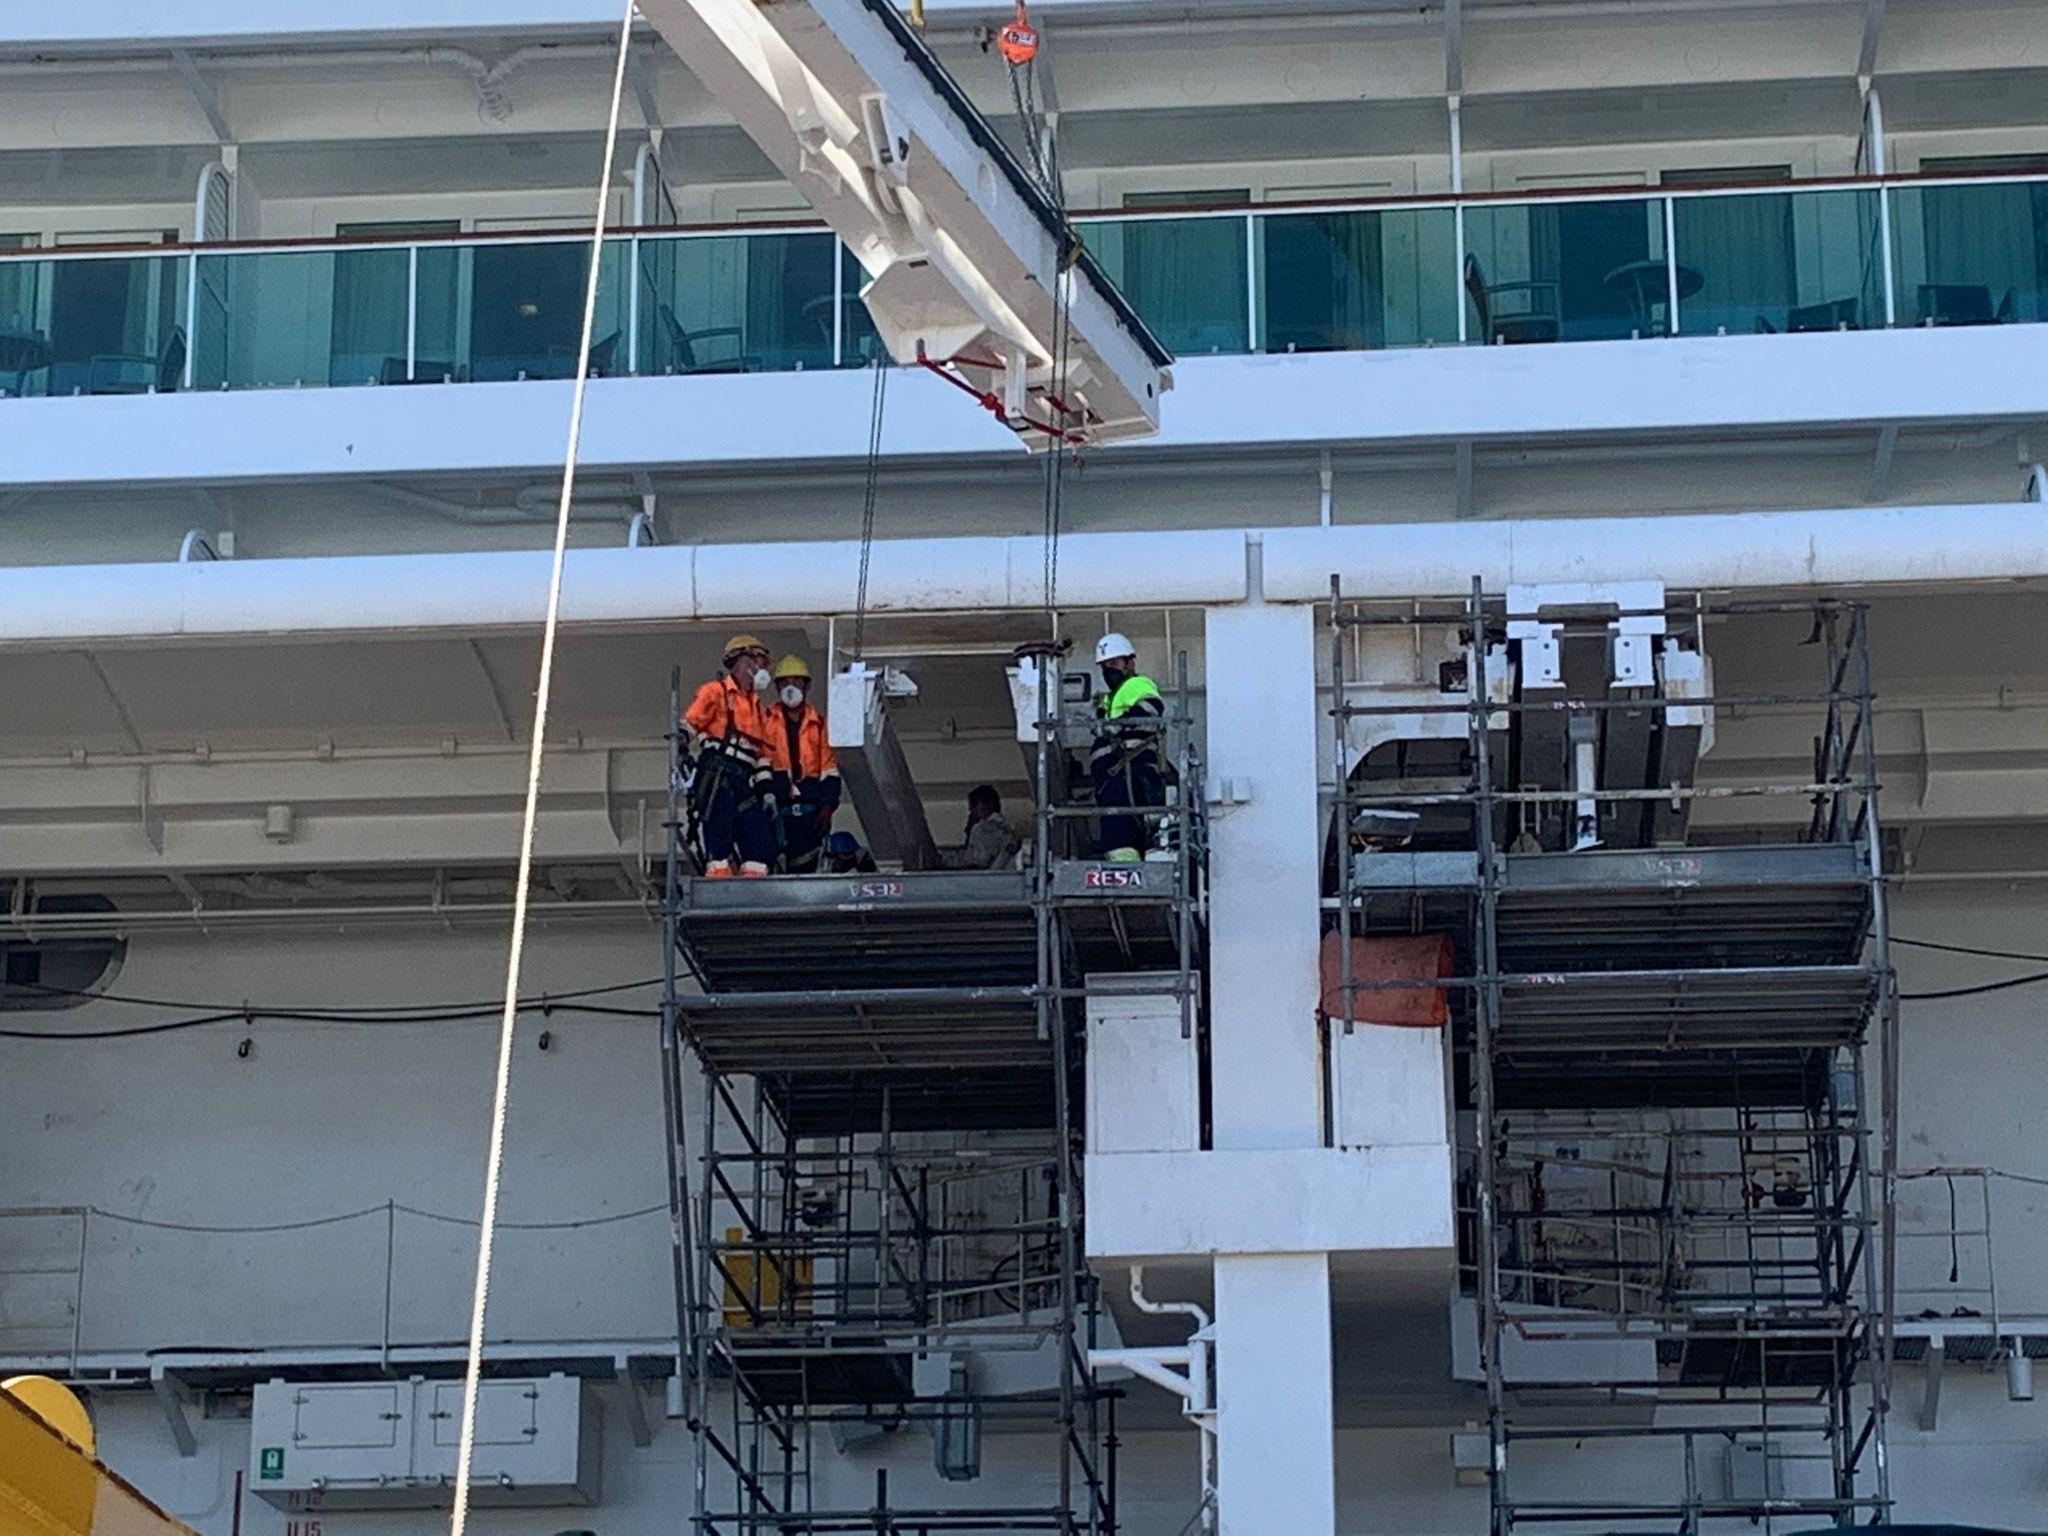 Trabajadores en andamios sobre el Jewel of the Seas